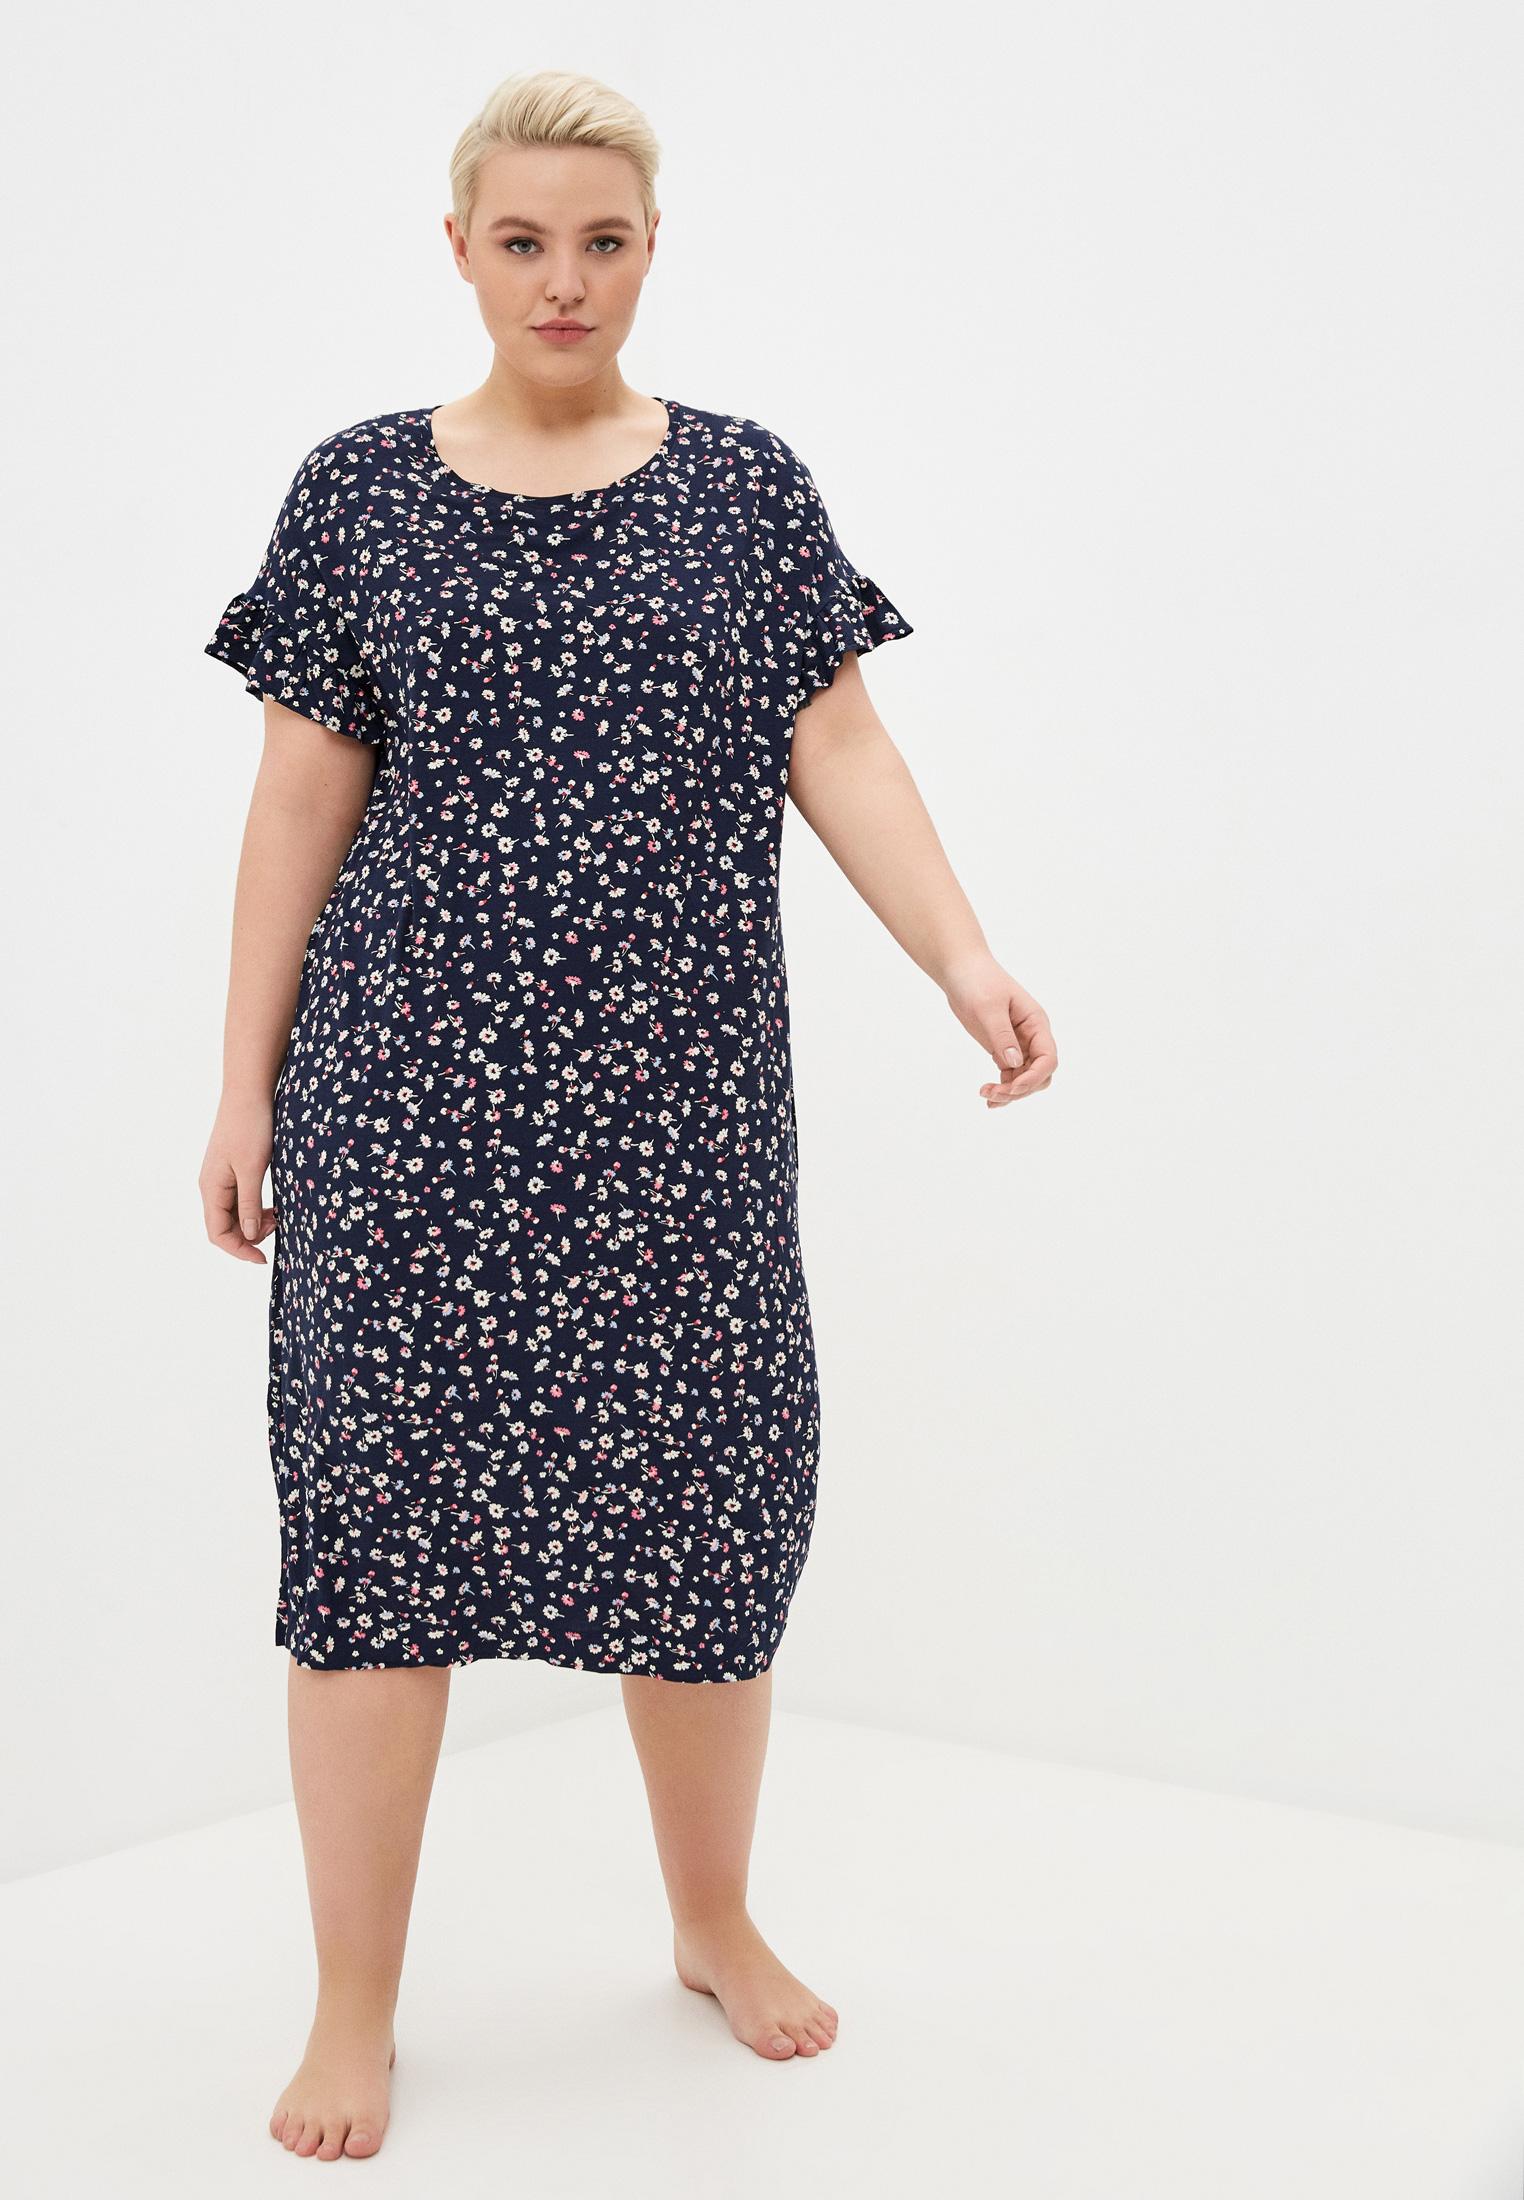 Женское белье и одежда для дома Marks & Spencer Платье домашнее Marks & Spencer